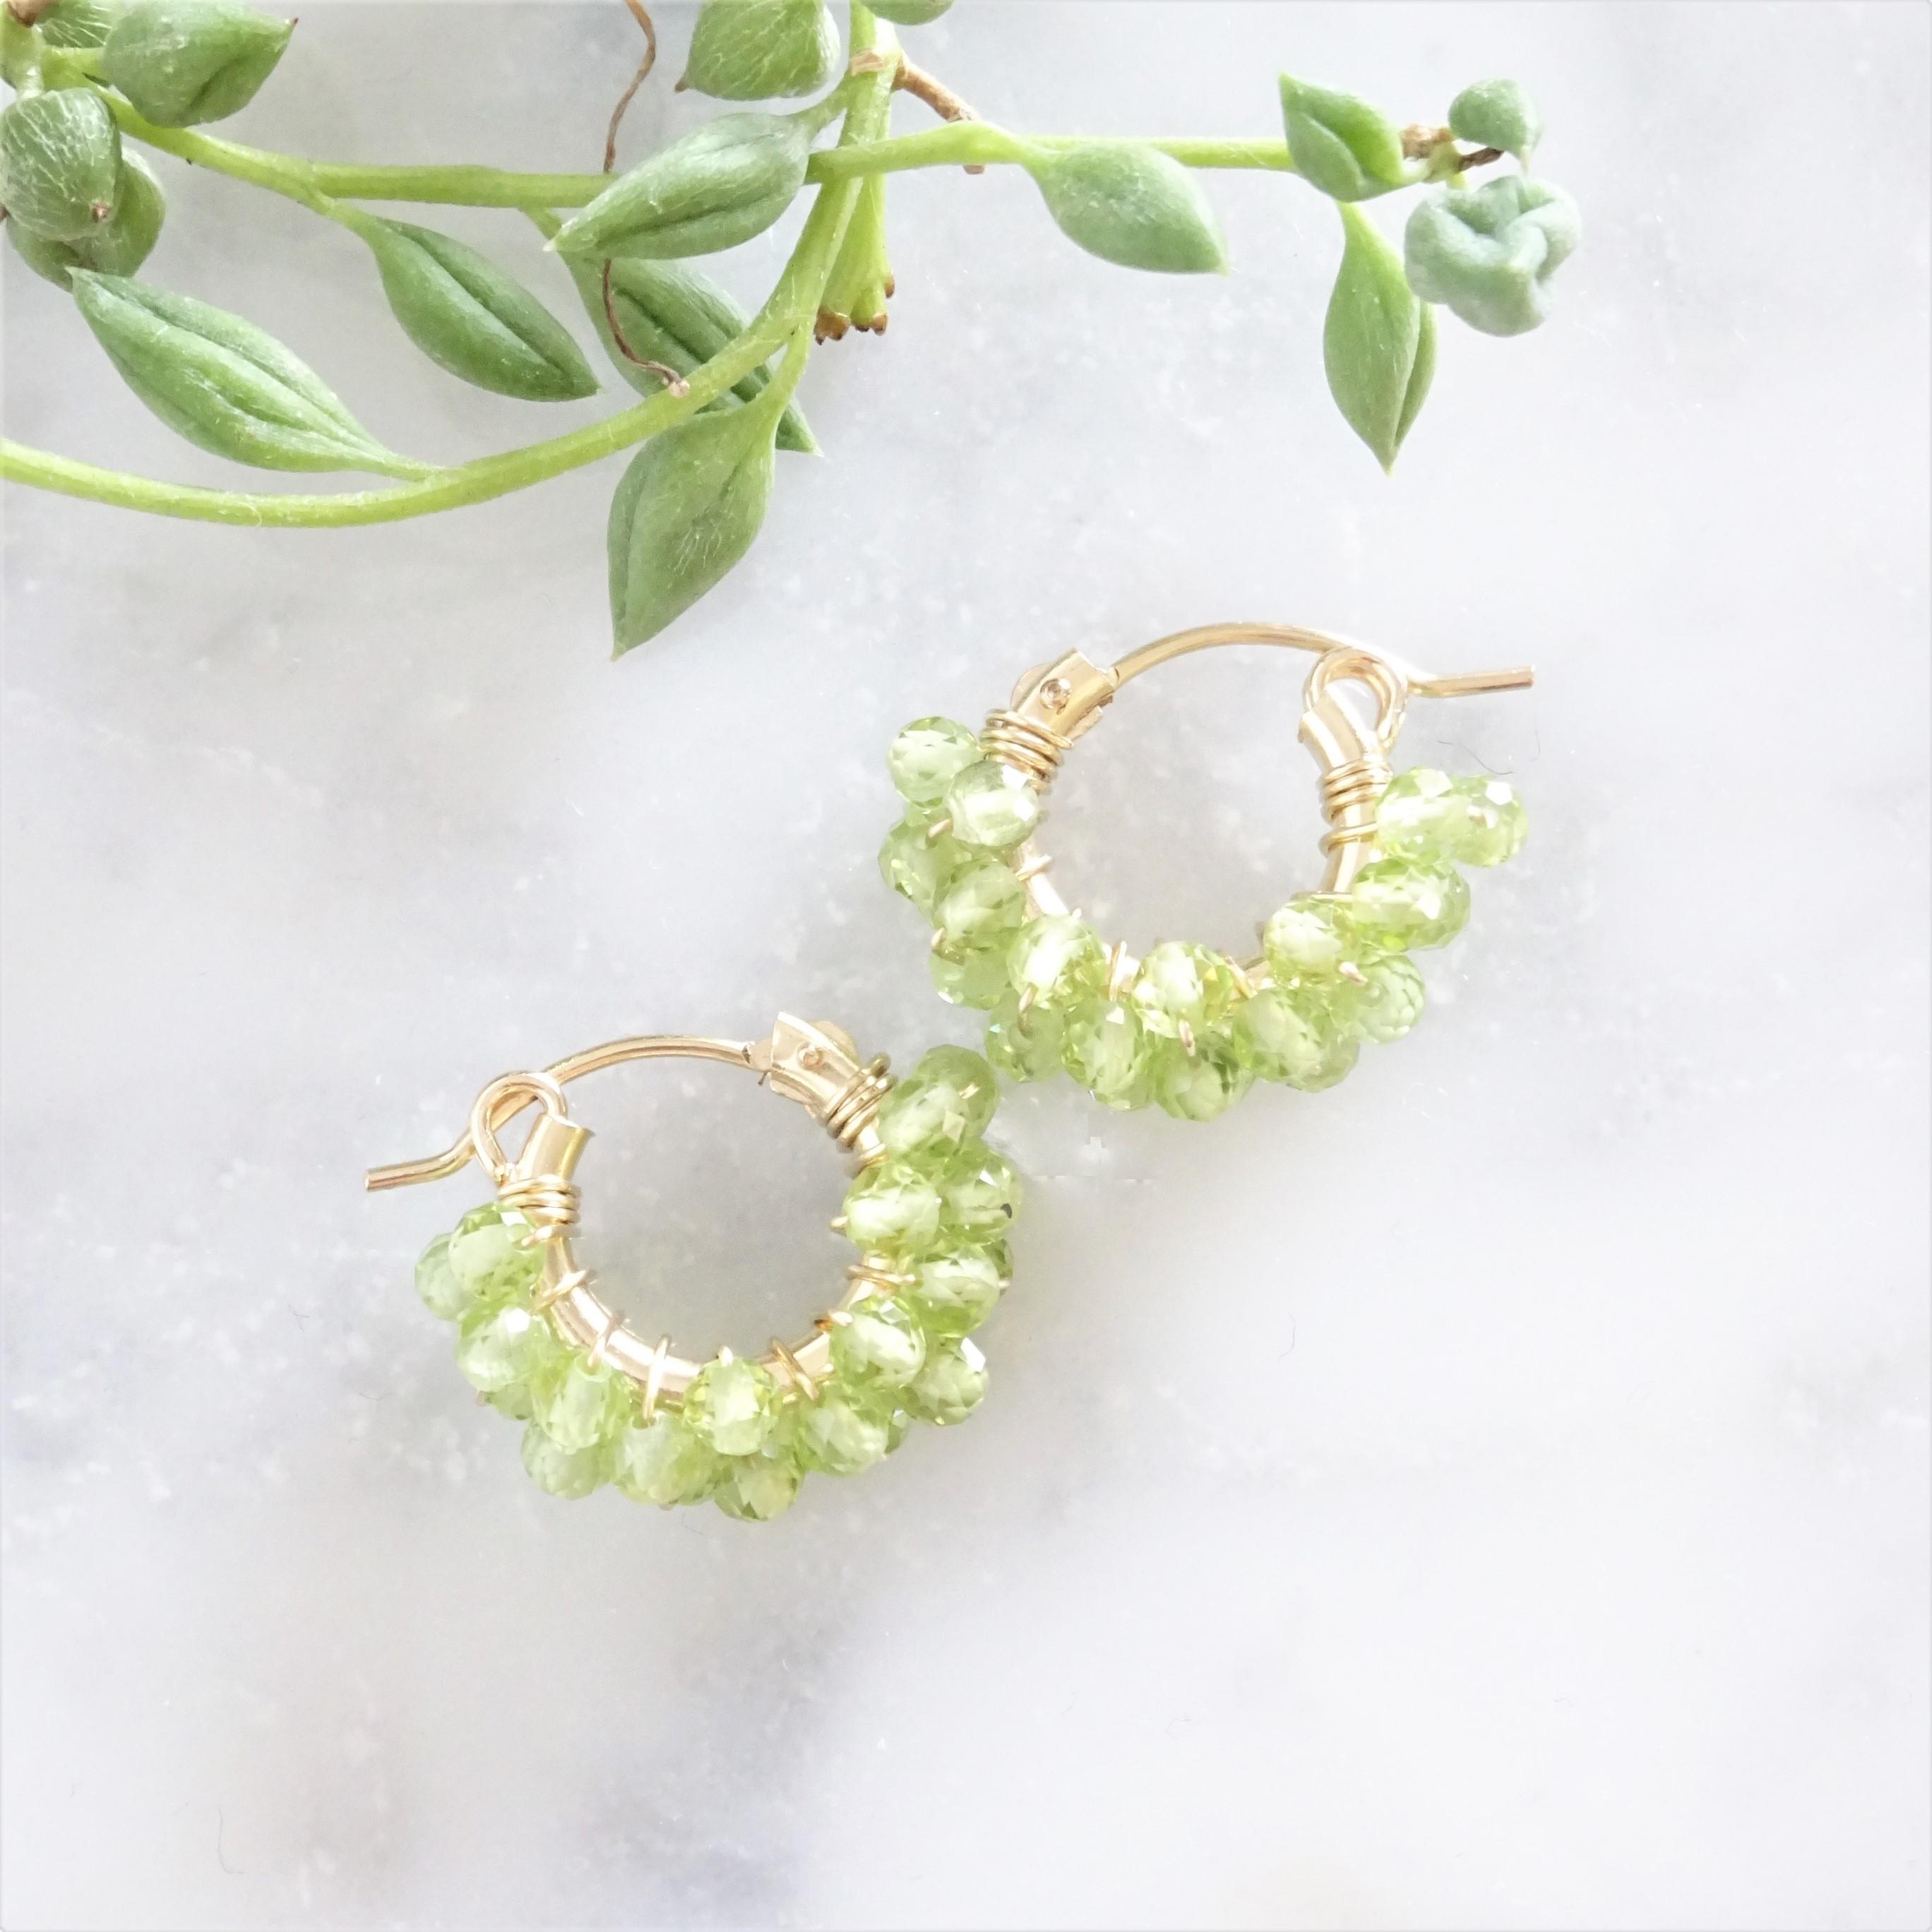 送料無料14kgf*宝石質 Peridot pavé pierced earring / earring